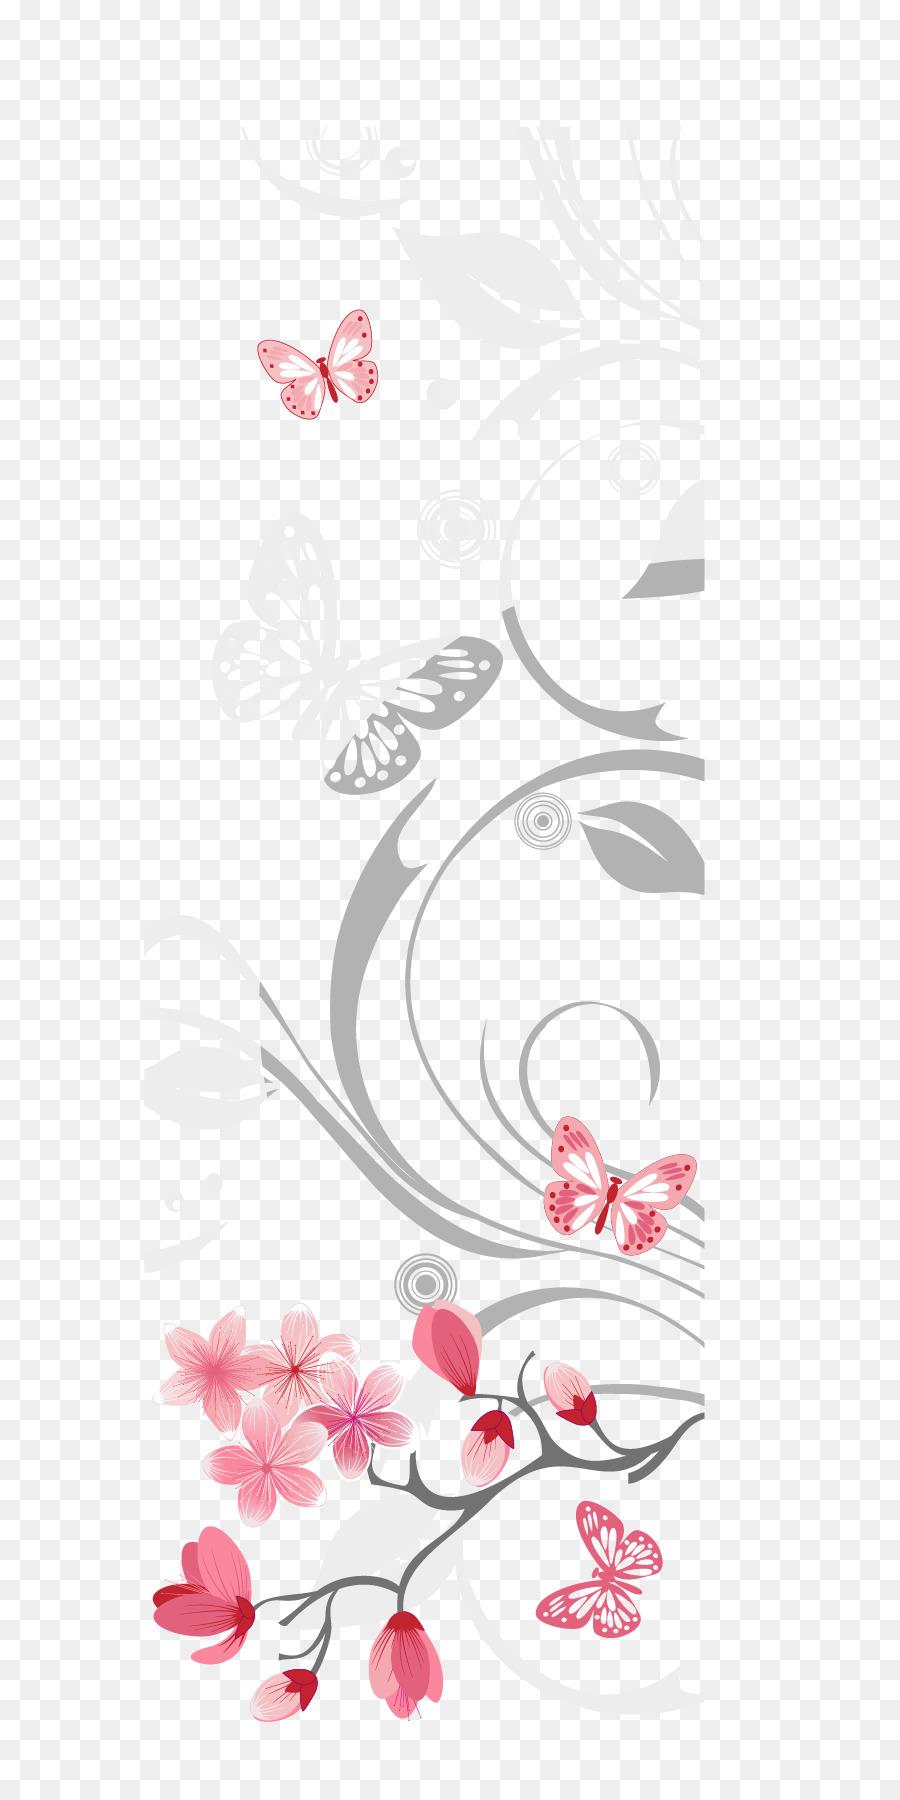 Descarga gratuita de National Cherry Blossom Festival, De Los Cerezos En Flor, Prunus Serrulata imágenes PNG